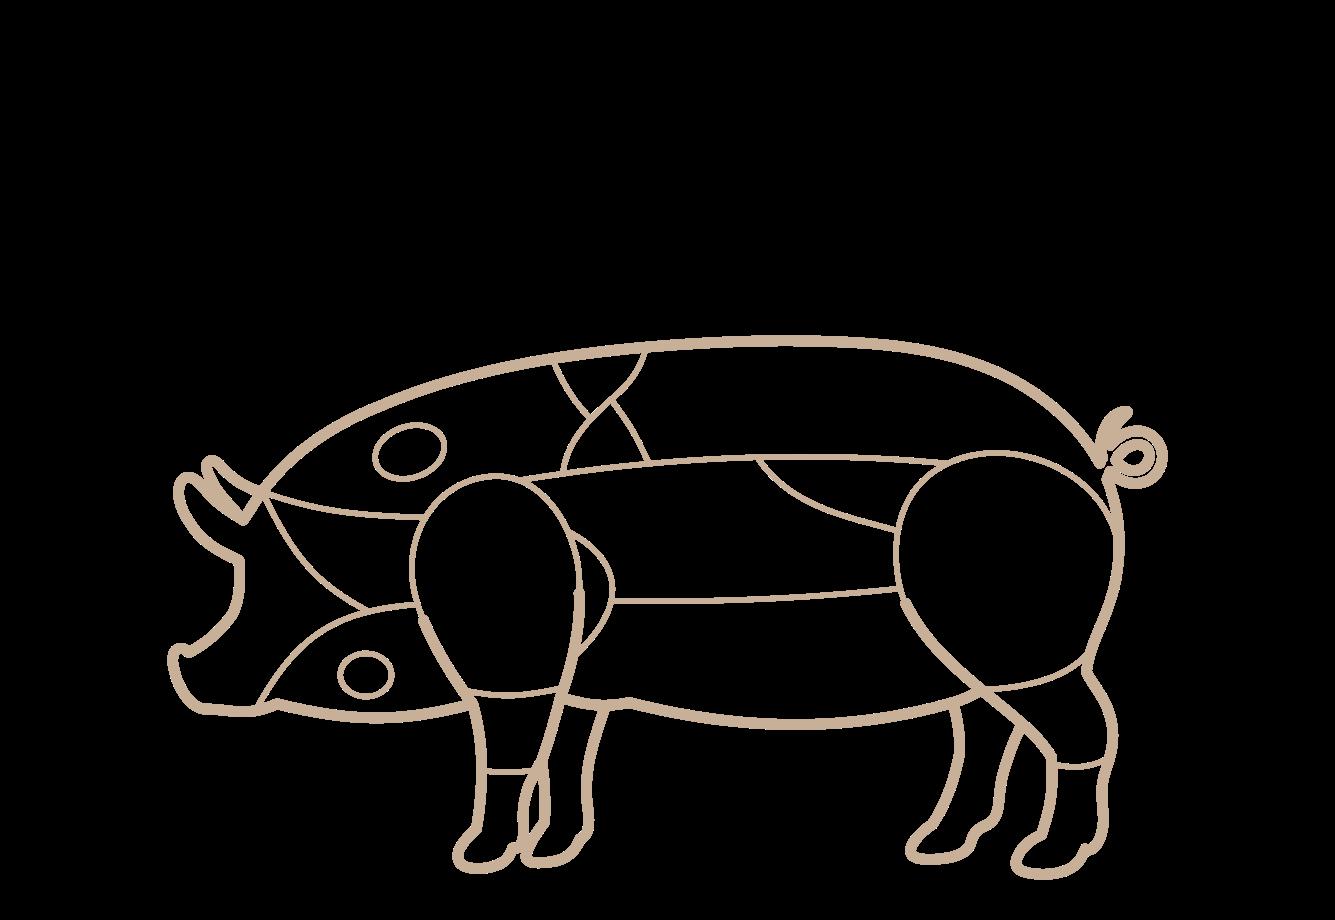 Tipo de corte de cerdo